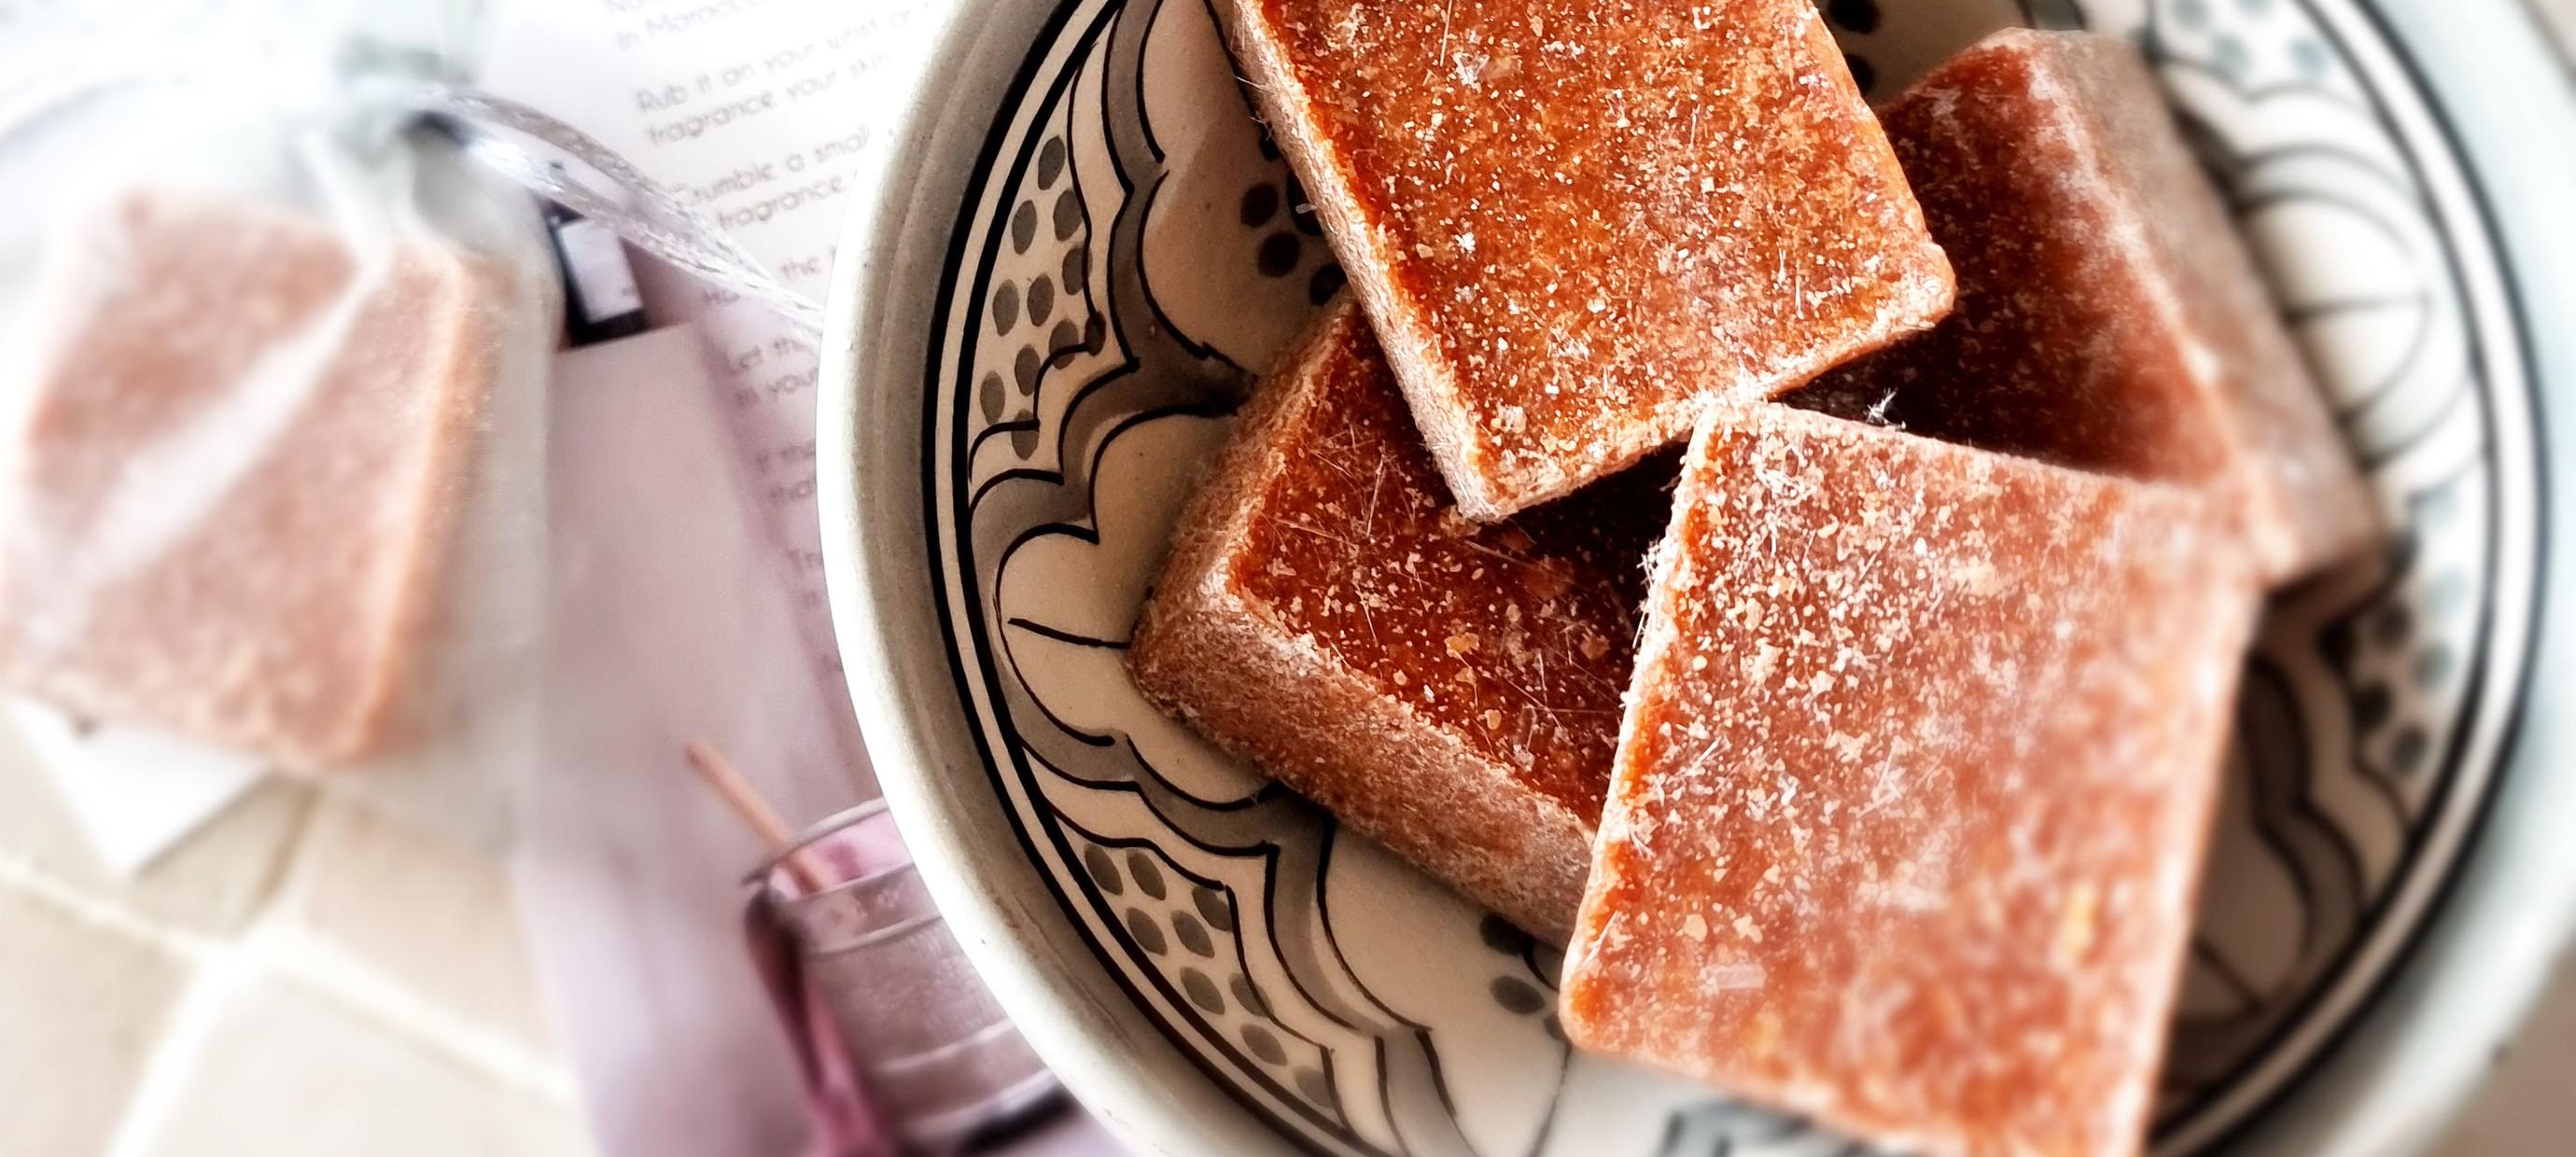 Amberblokjes, de trend uit Marokko